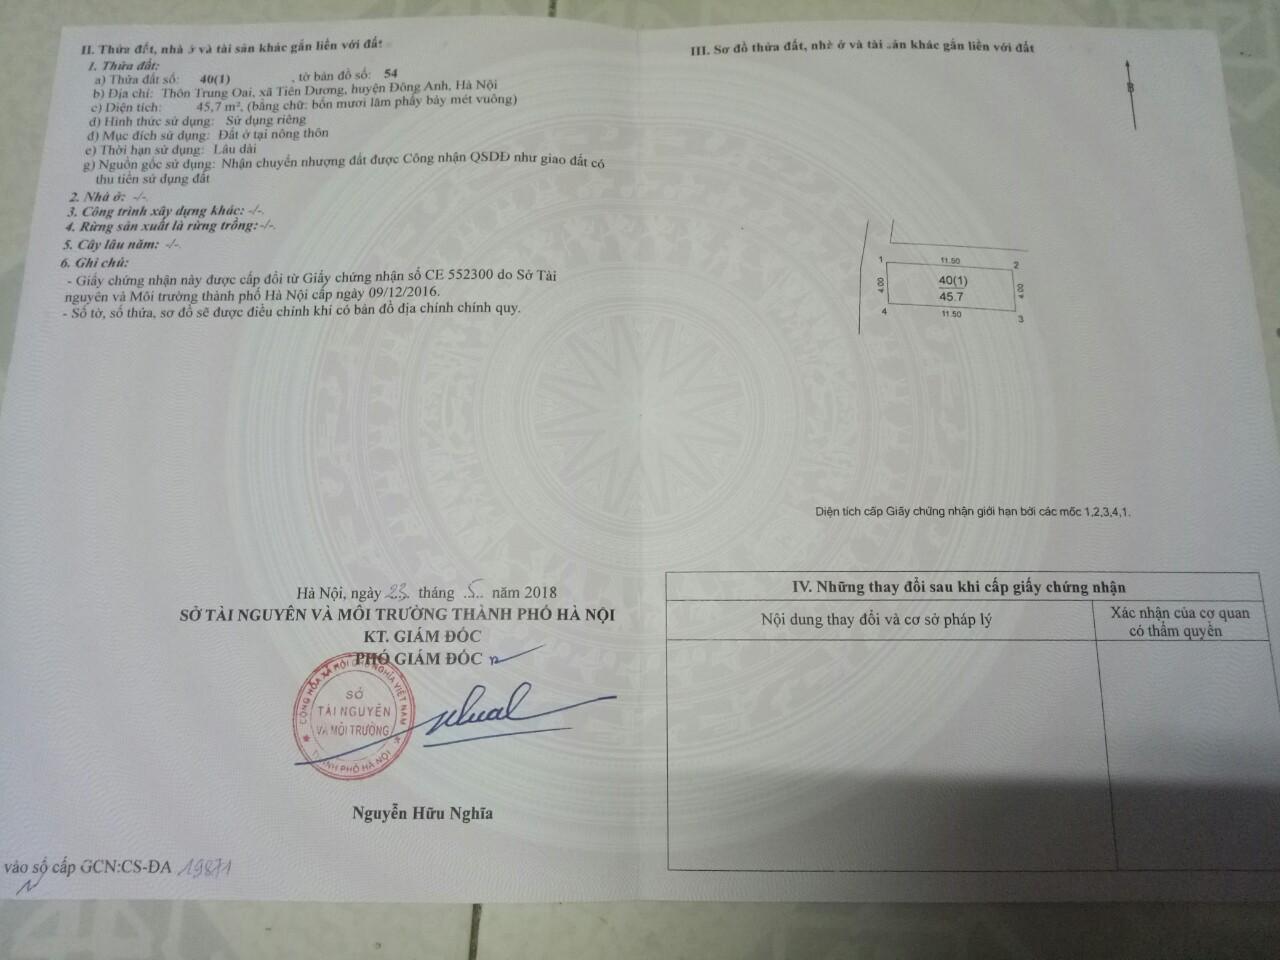 Bán lô đất 2 mặt tiền rộng 45,7m Trung Oai Tiên Dương Đông Anh giá 22tr/m2